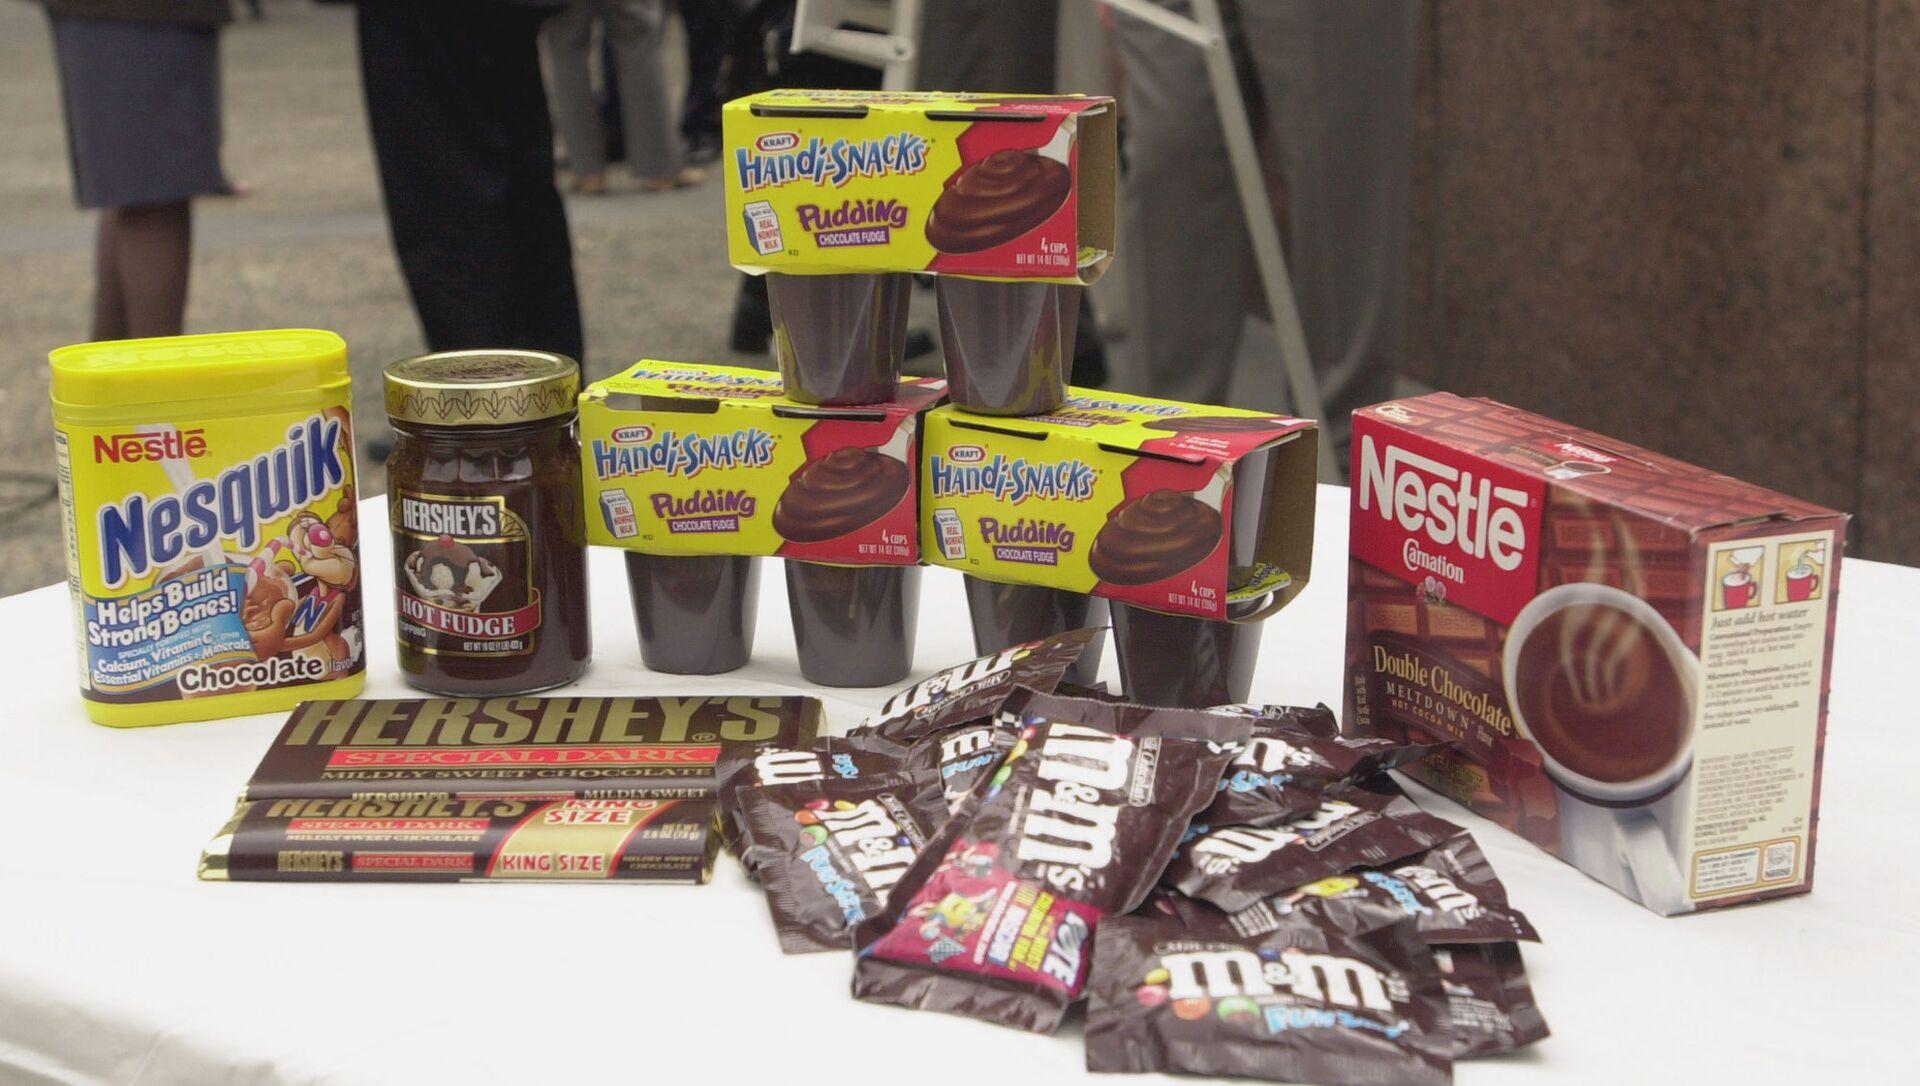 Nestle'nin şirket içi yazışmaları sızdı: 'Ürünlerimizin yüzde 60'ı sağlıksız' - Sputnik Türkiye, 1920, 31.05.2021